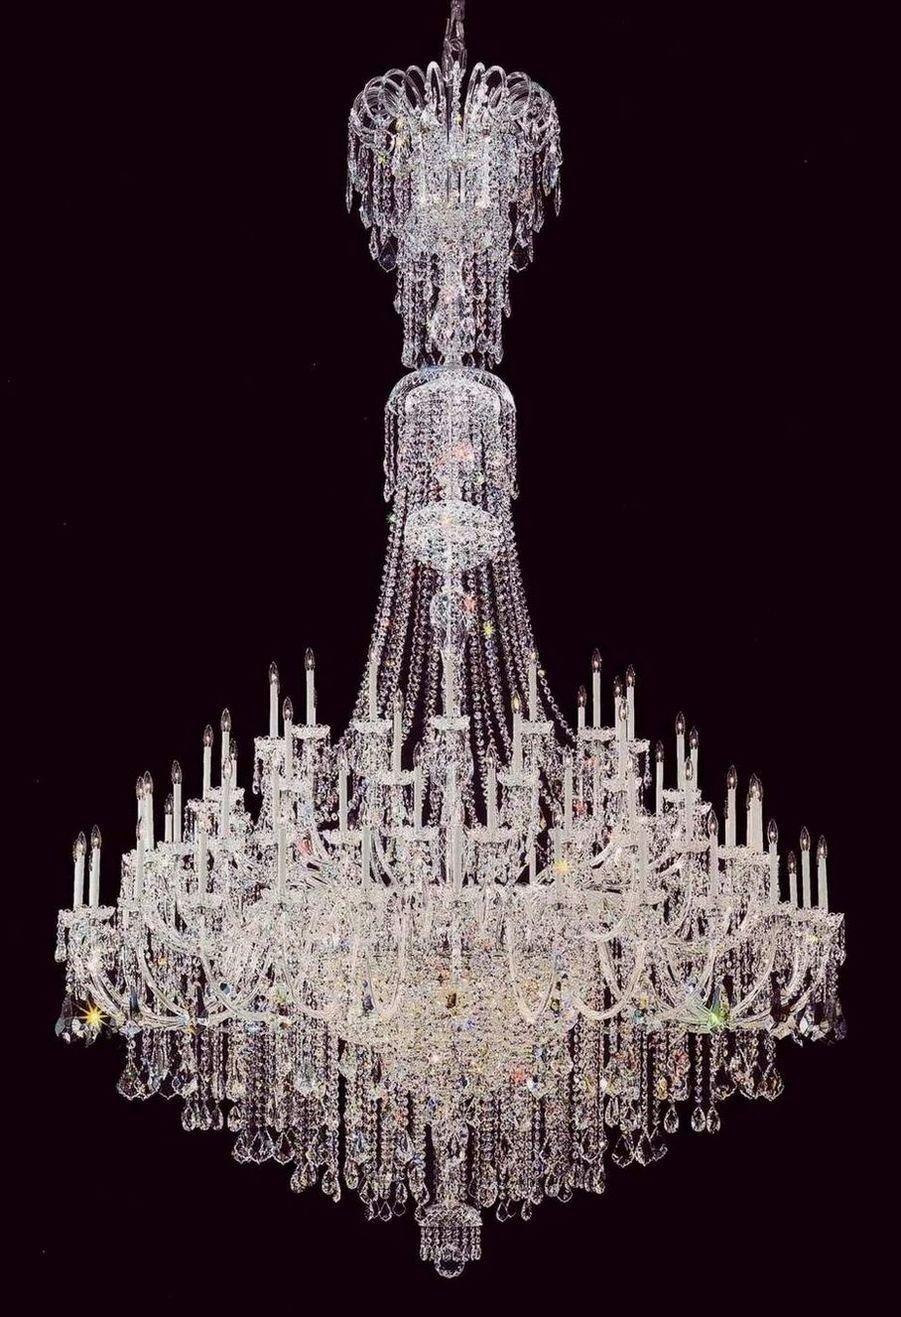 Large Crystal Chandelier Lighting: Antique Chandeliers Lighting Tiffany Windows Large Crystal,Lighting